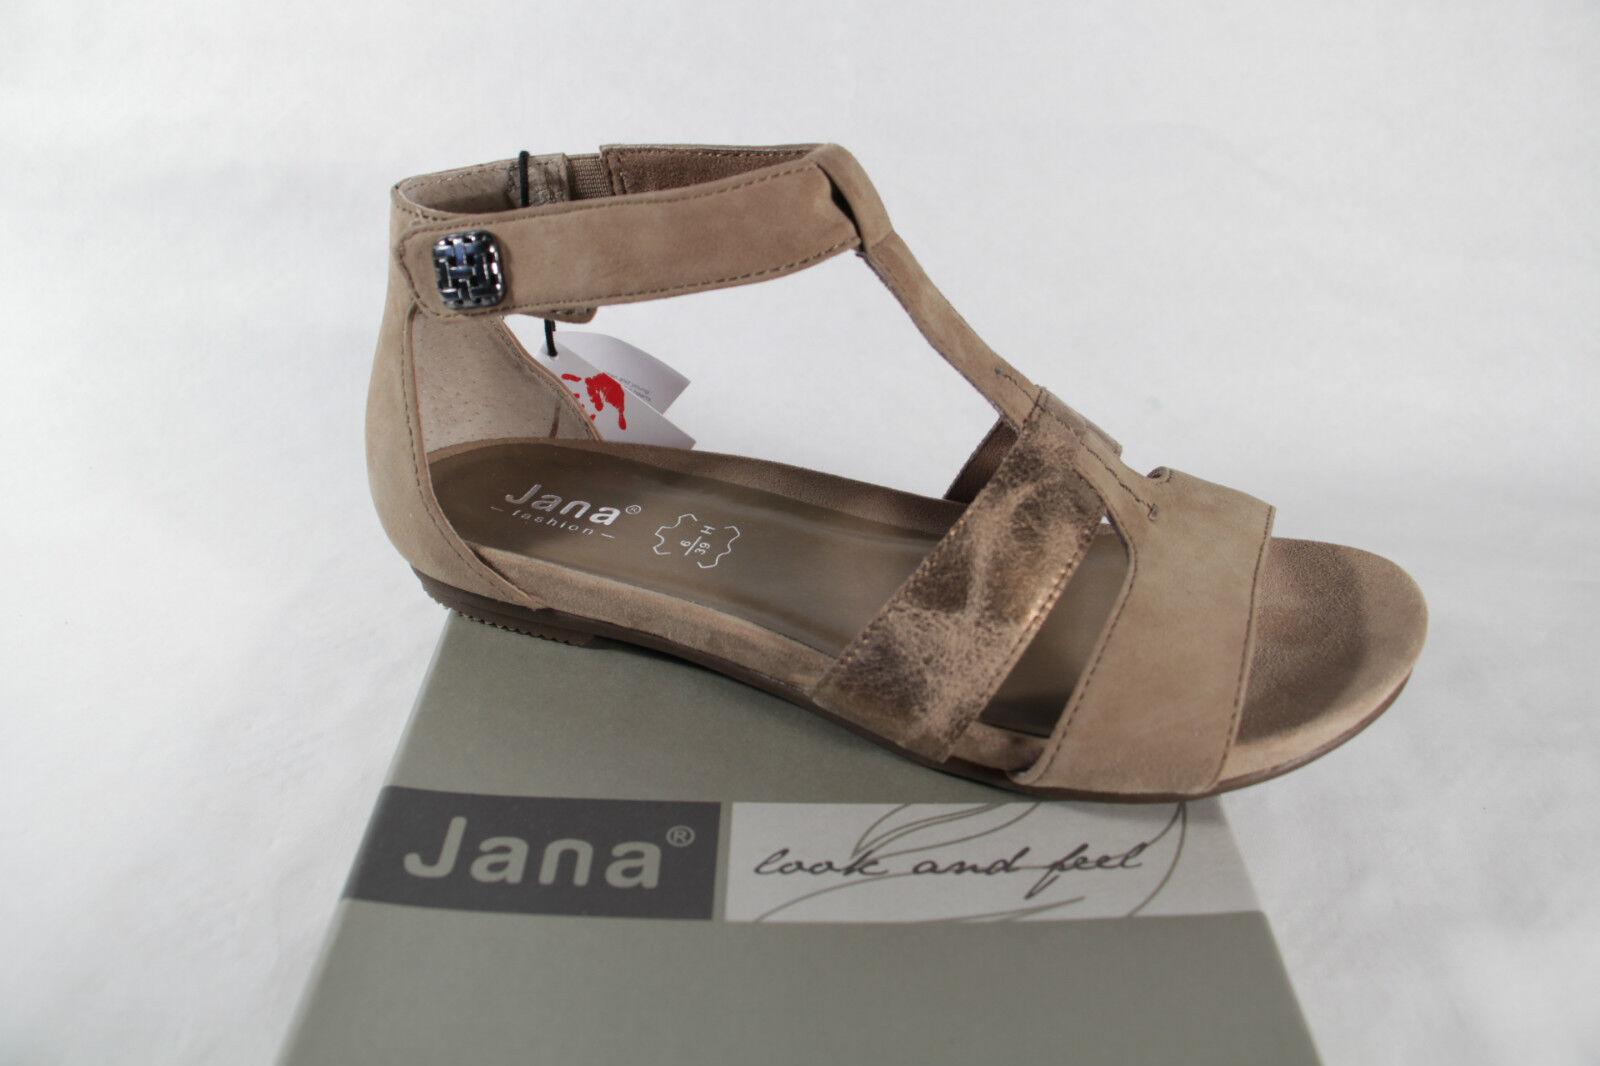 Último gran descuento JANA mujer sandalias beige, Suave Suela Interior Ancho H NUEVO